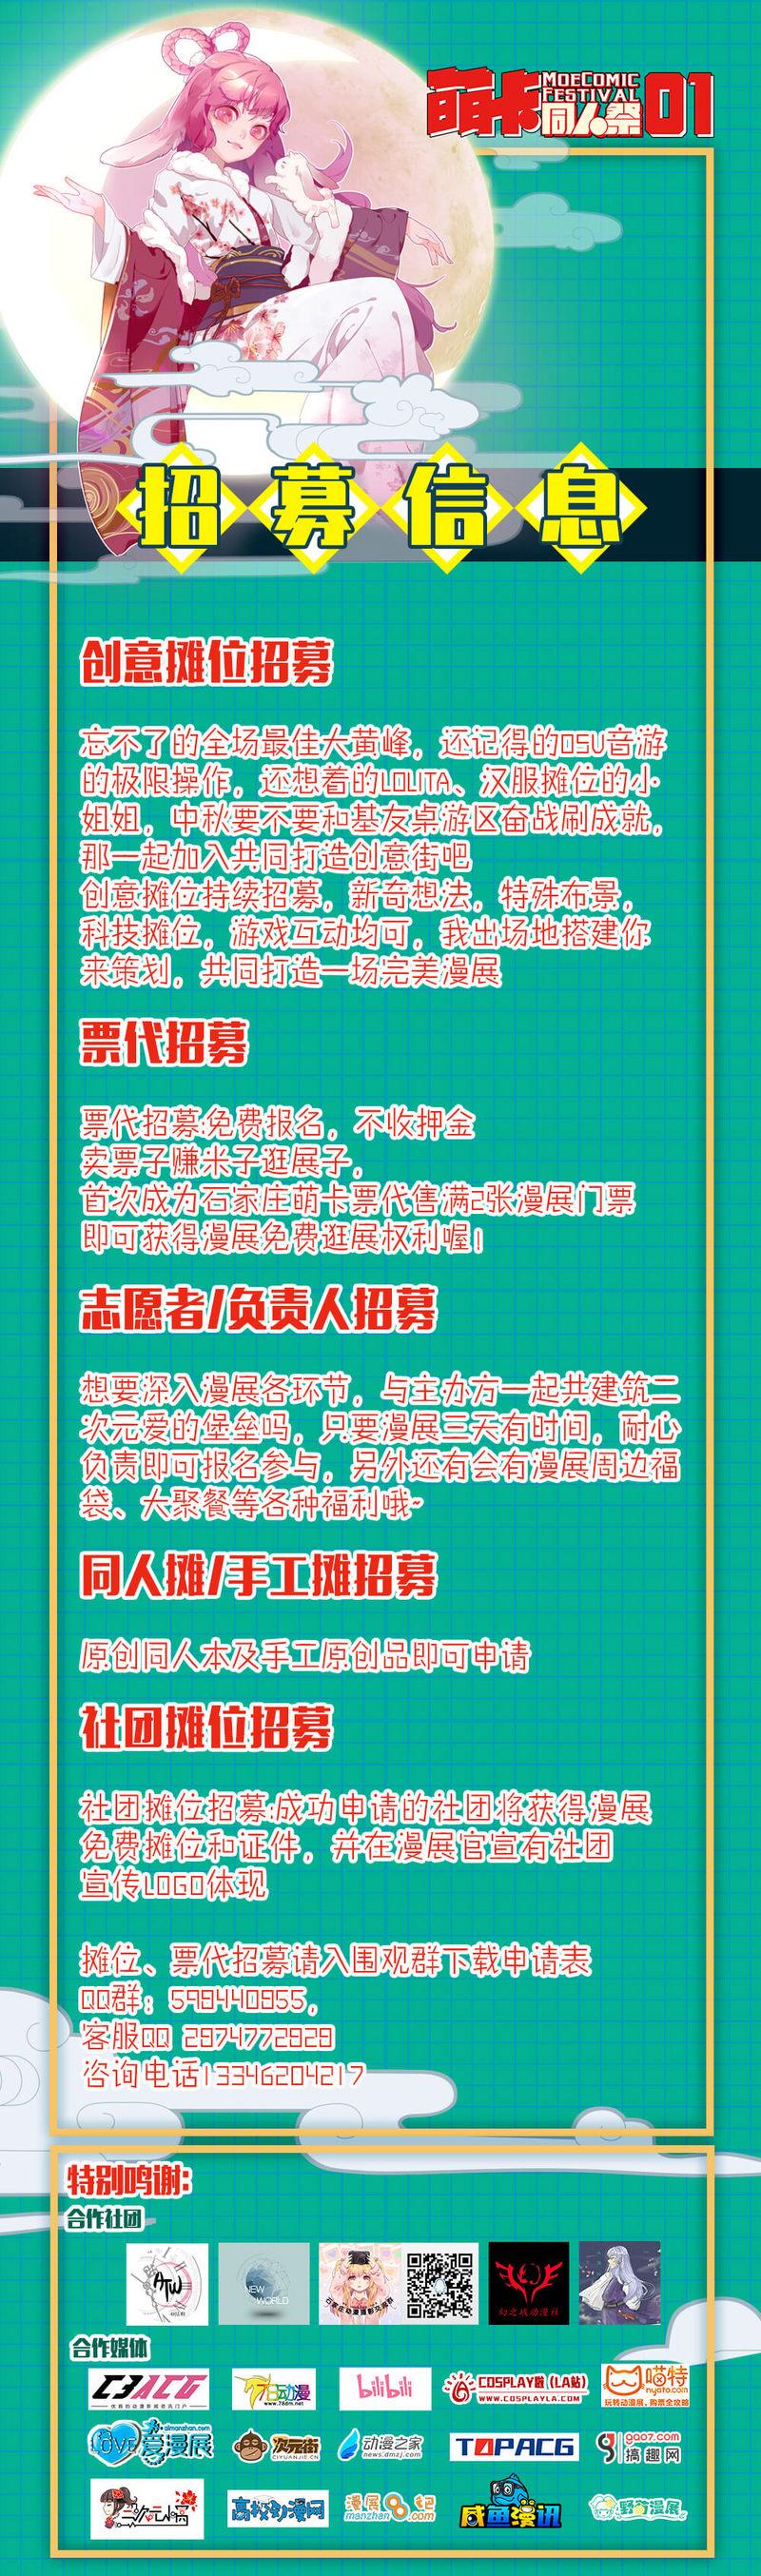 石家庄萌卡同人祭01-C3动漫网